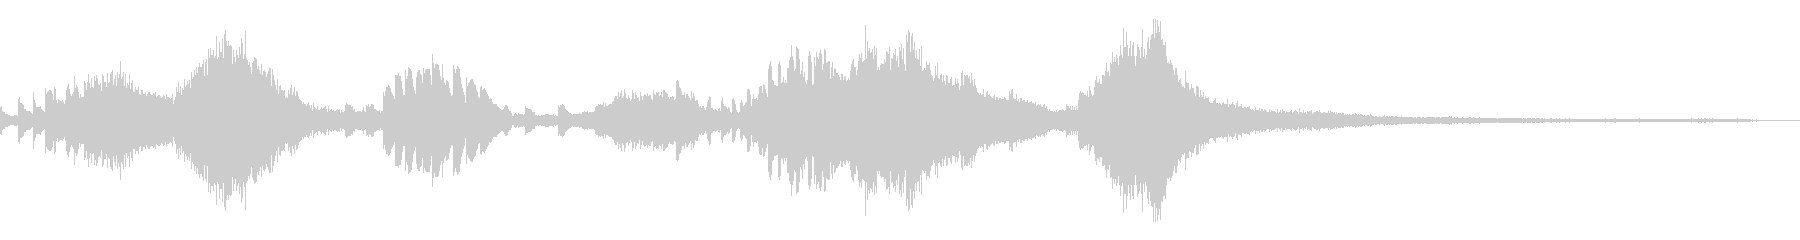 和風のジングル4a-ピアノソロの未再生の波形